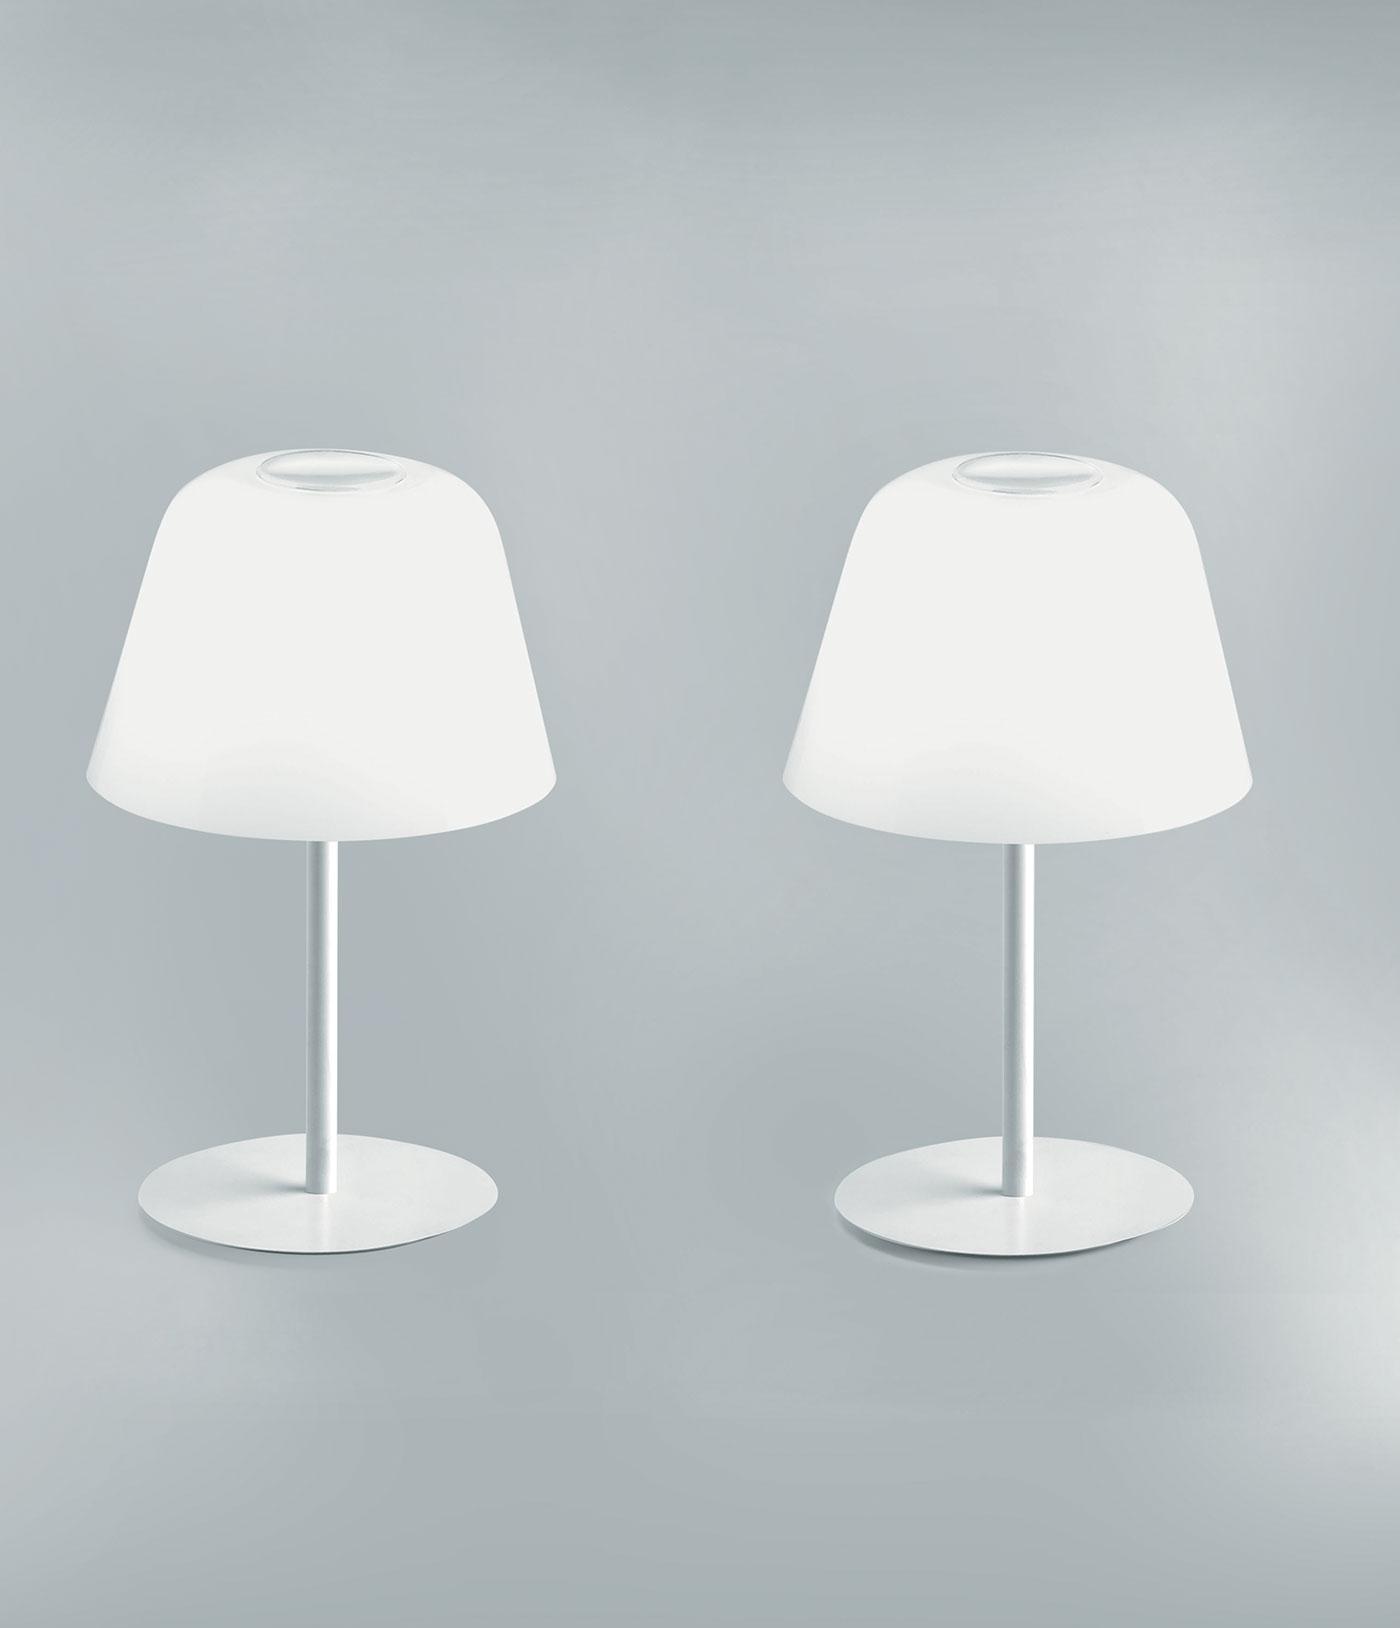 lampada da tavolo moderno on line led alogena scrivania bianco illuminazione hotel vetro murano made in italy lusso qualità ristoranti lucido